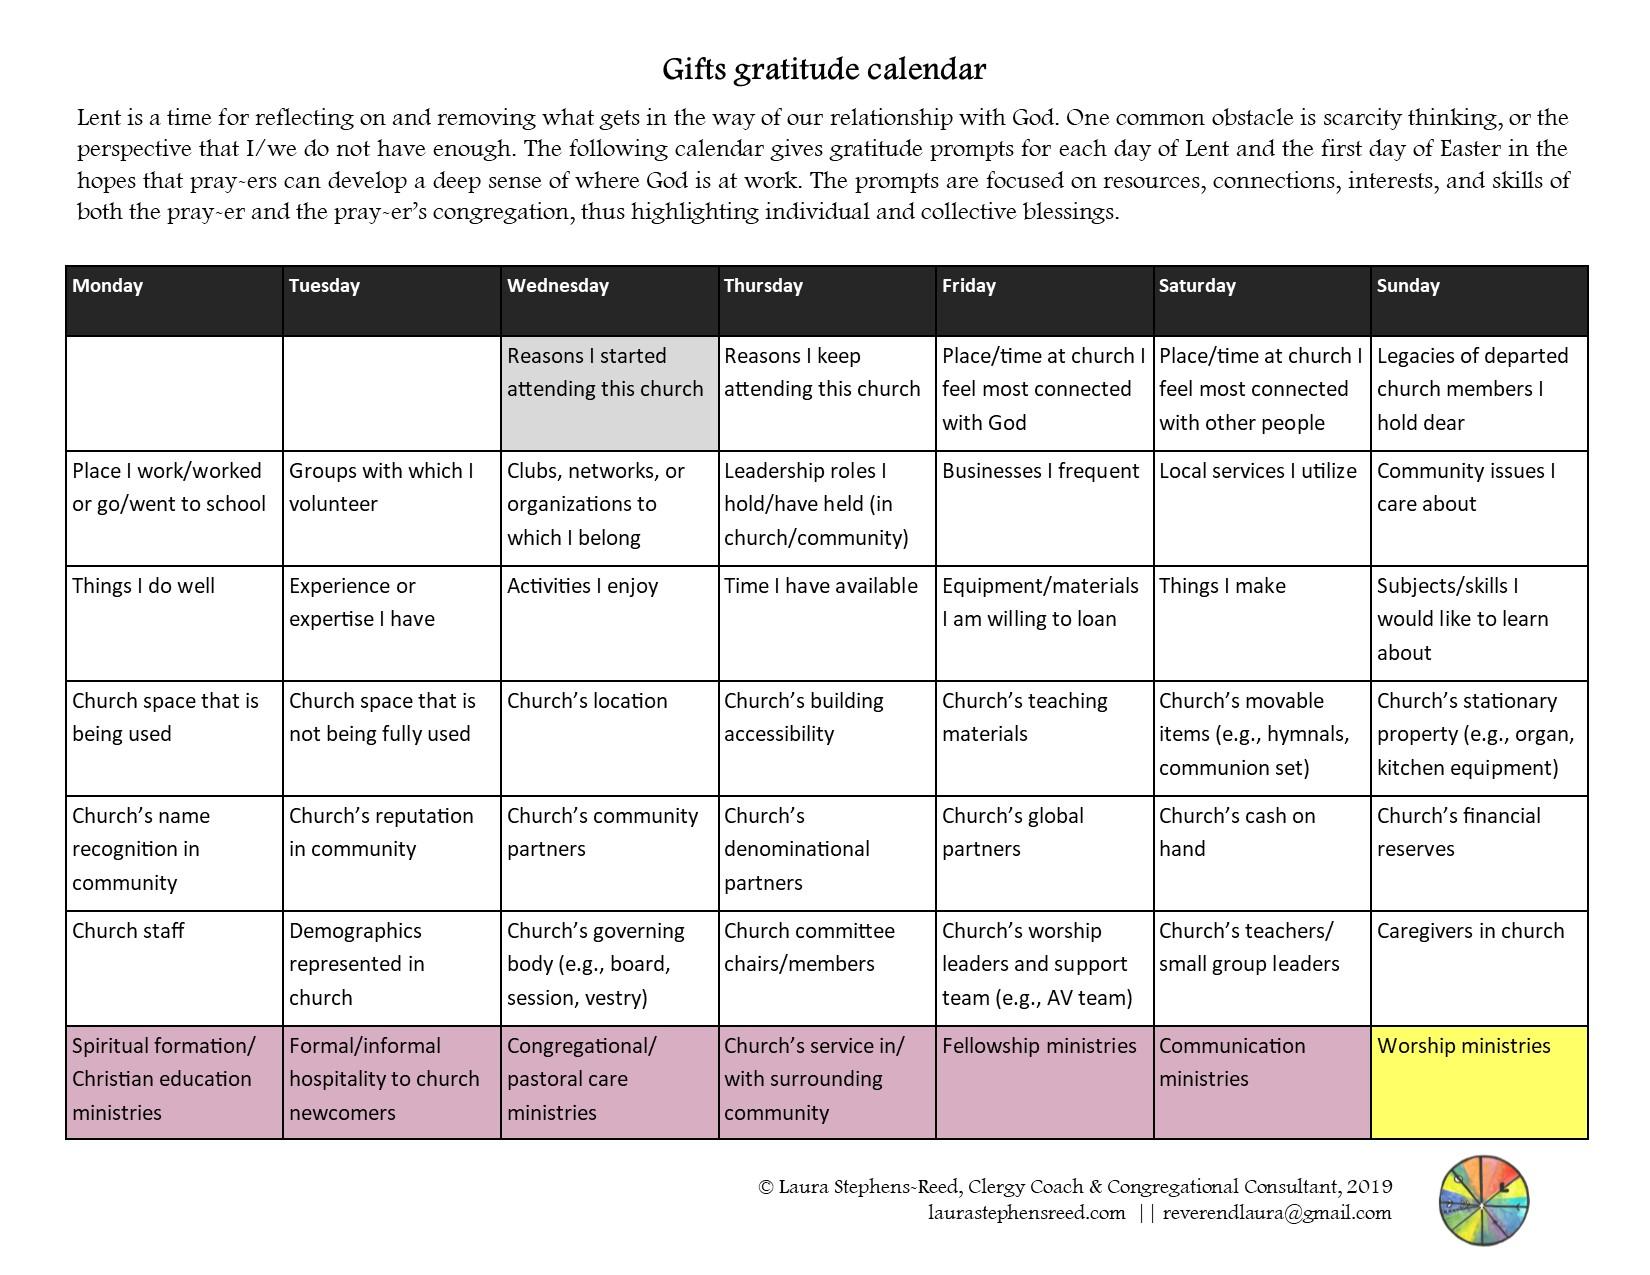 Gifts gratitude calendar.jpg